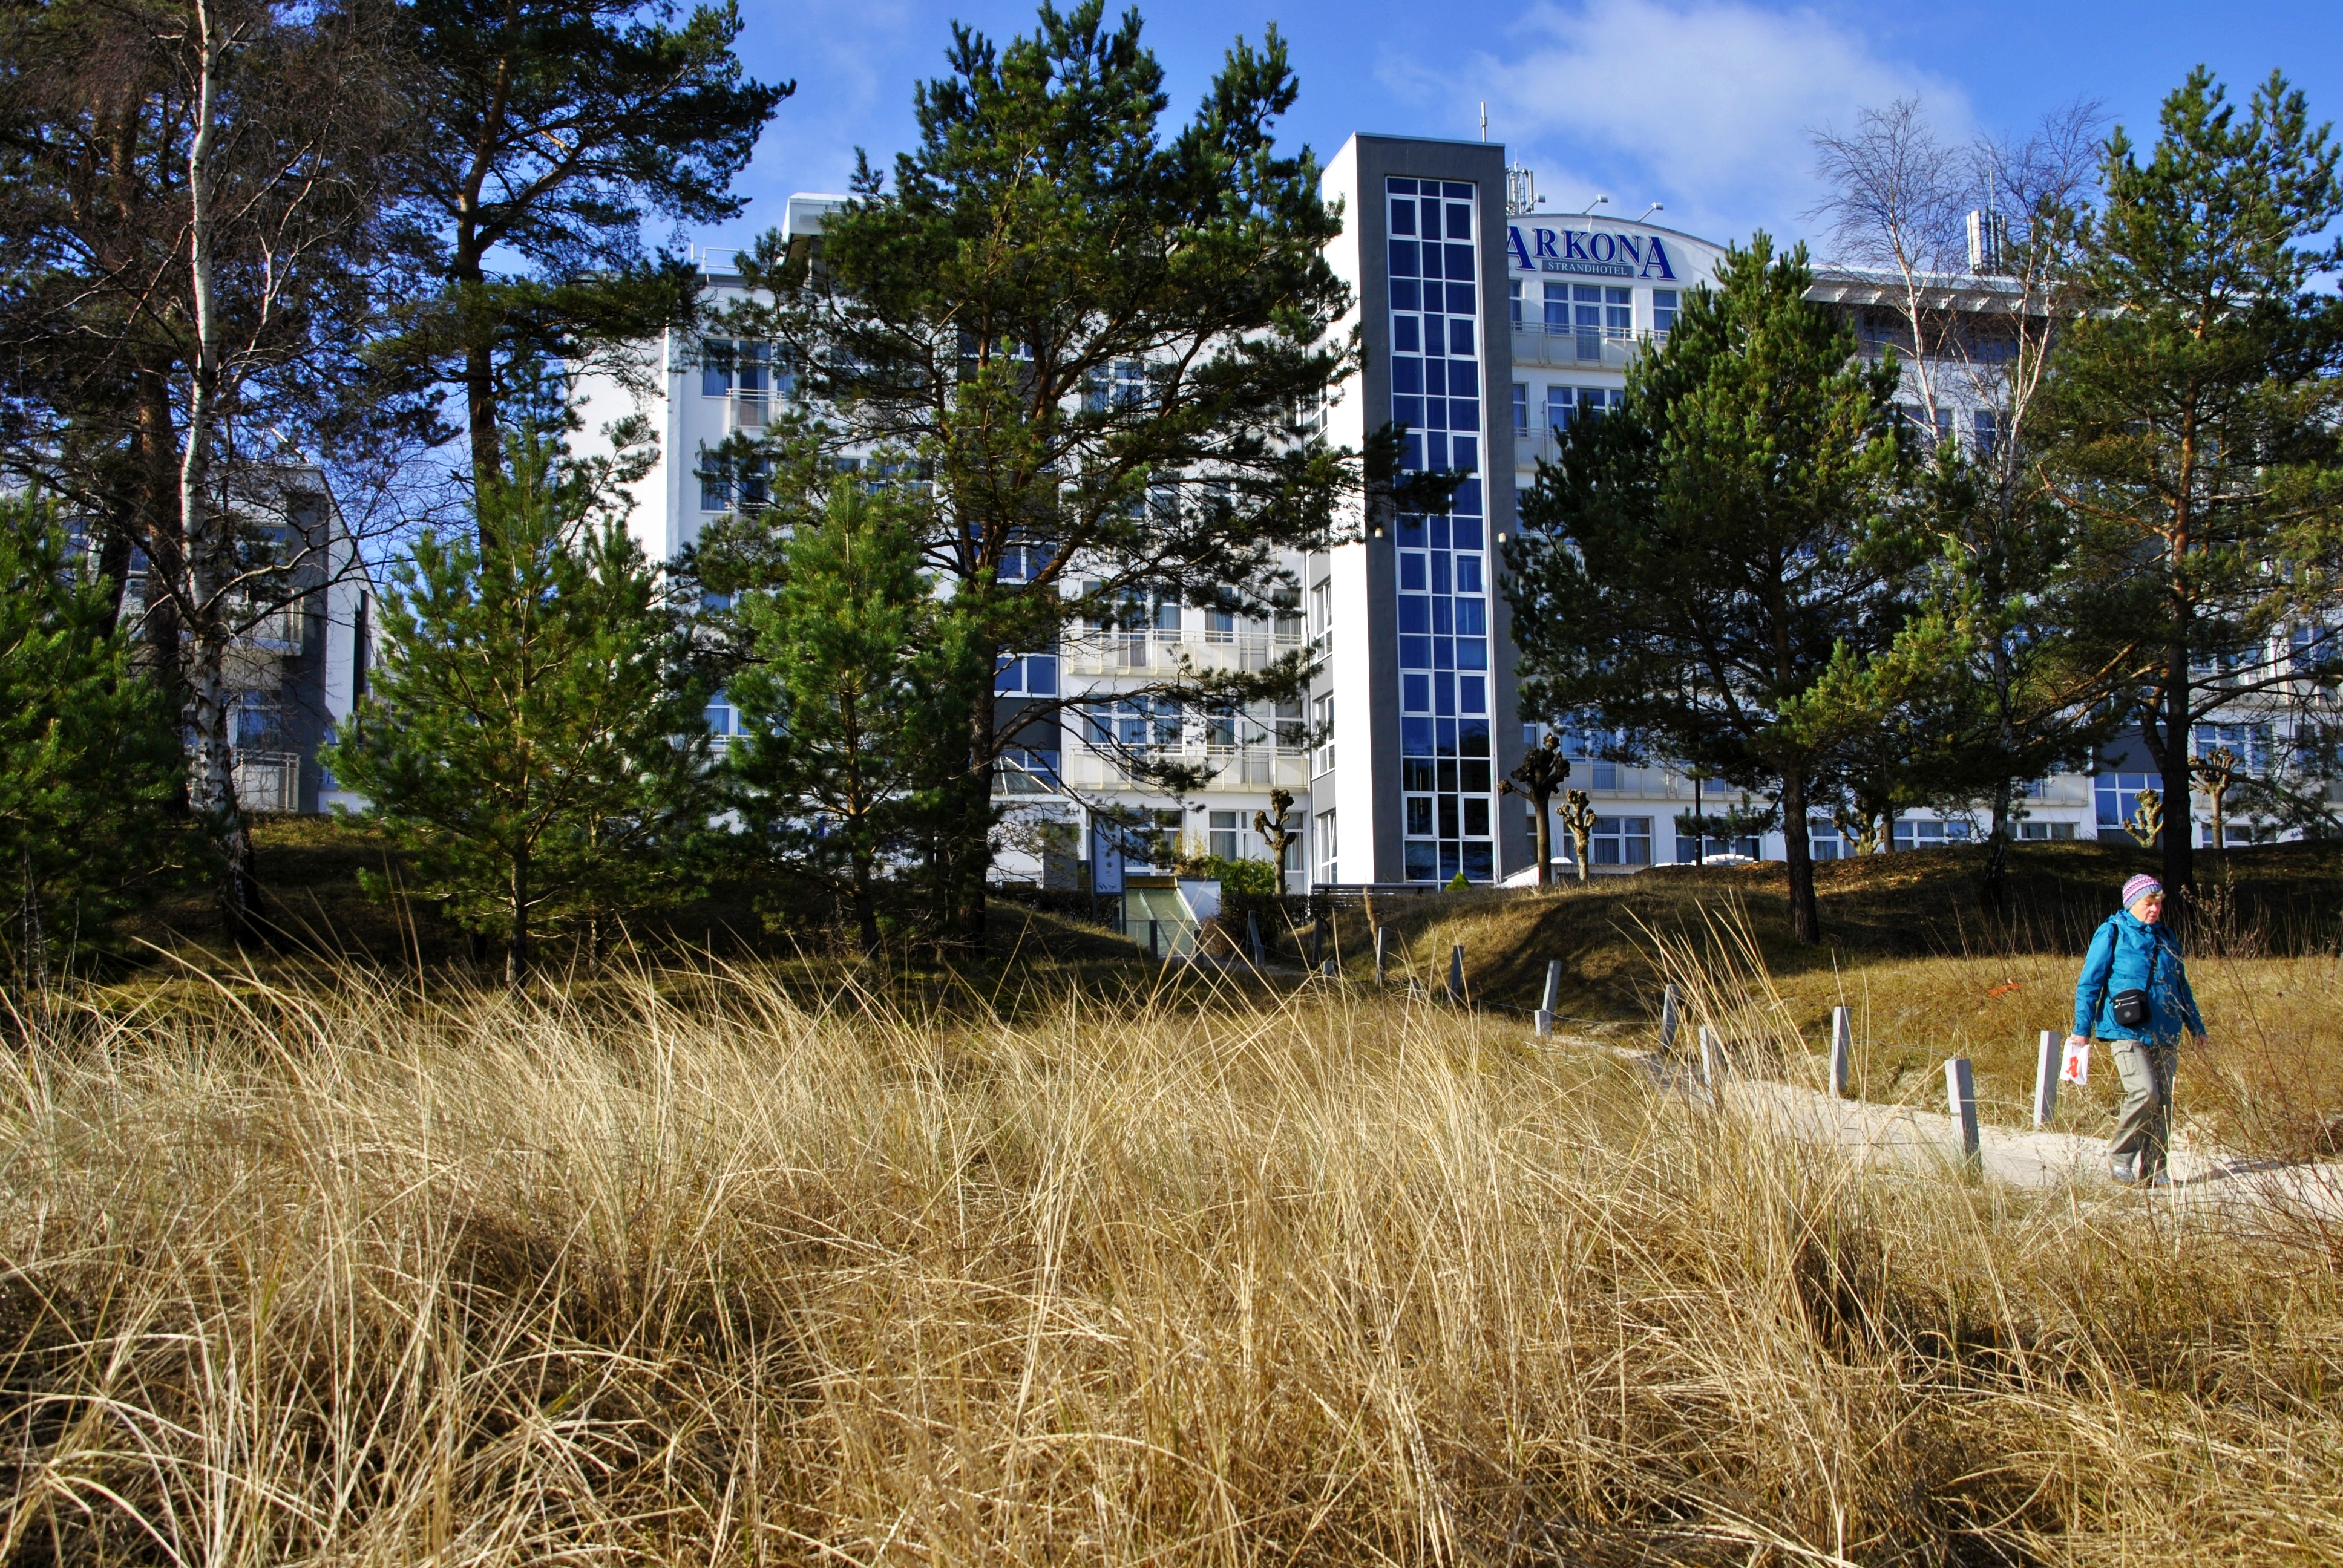 Arkona Strandhotel | Strandpromenade 59, 18609 Binz | 038393 550